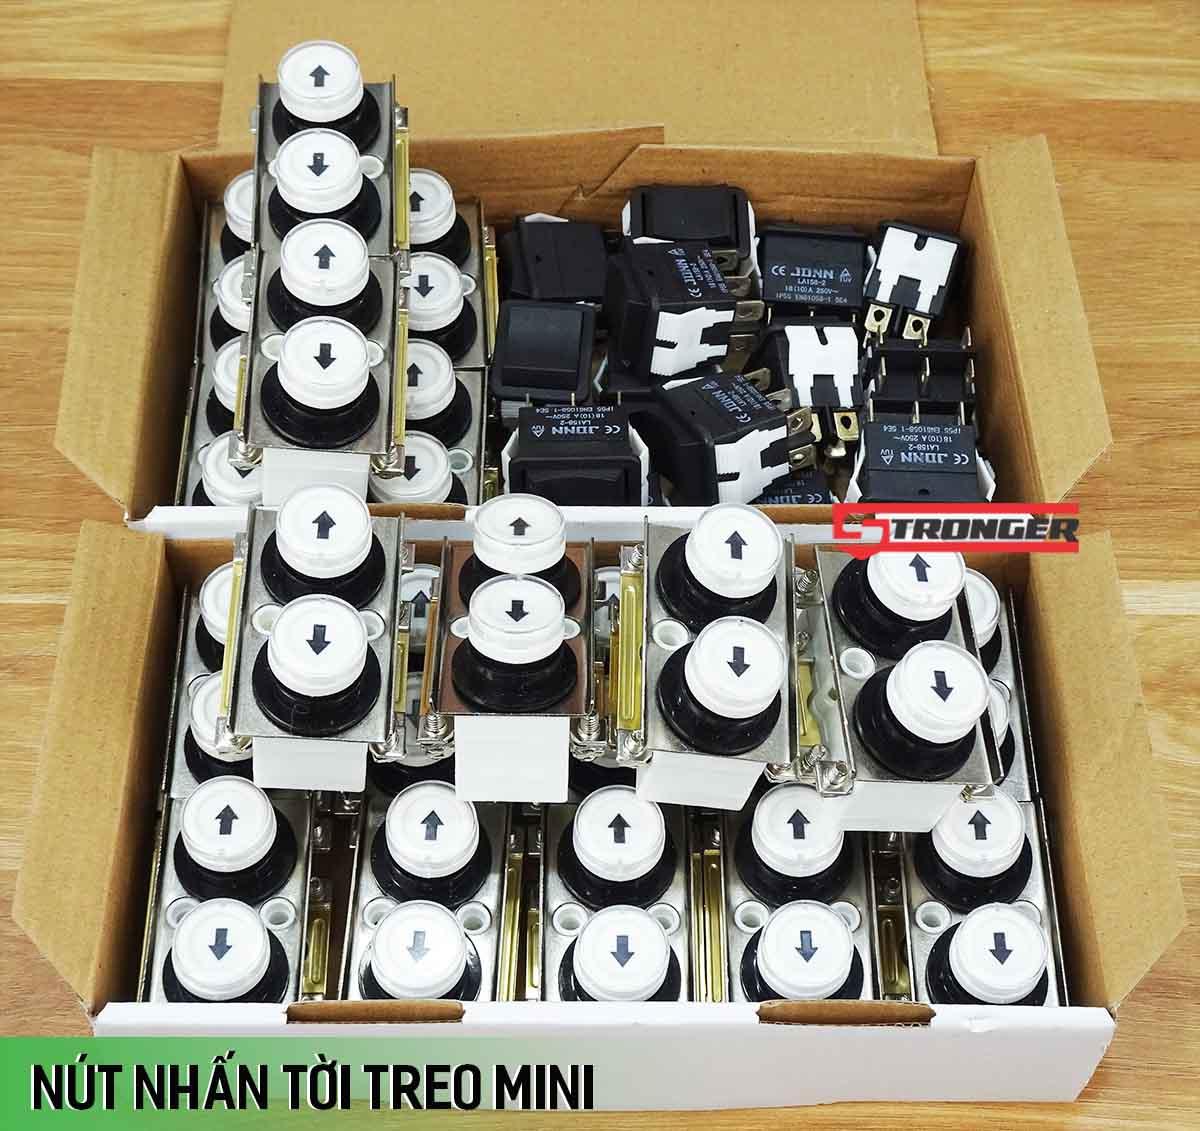 Nút nhấn tay cầm điều khiển tời treo mini